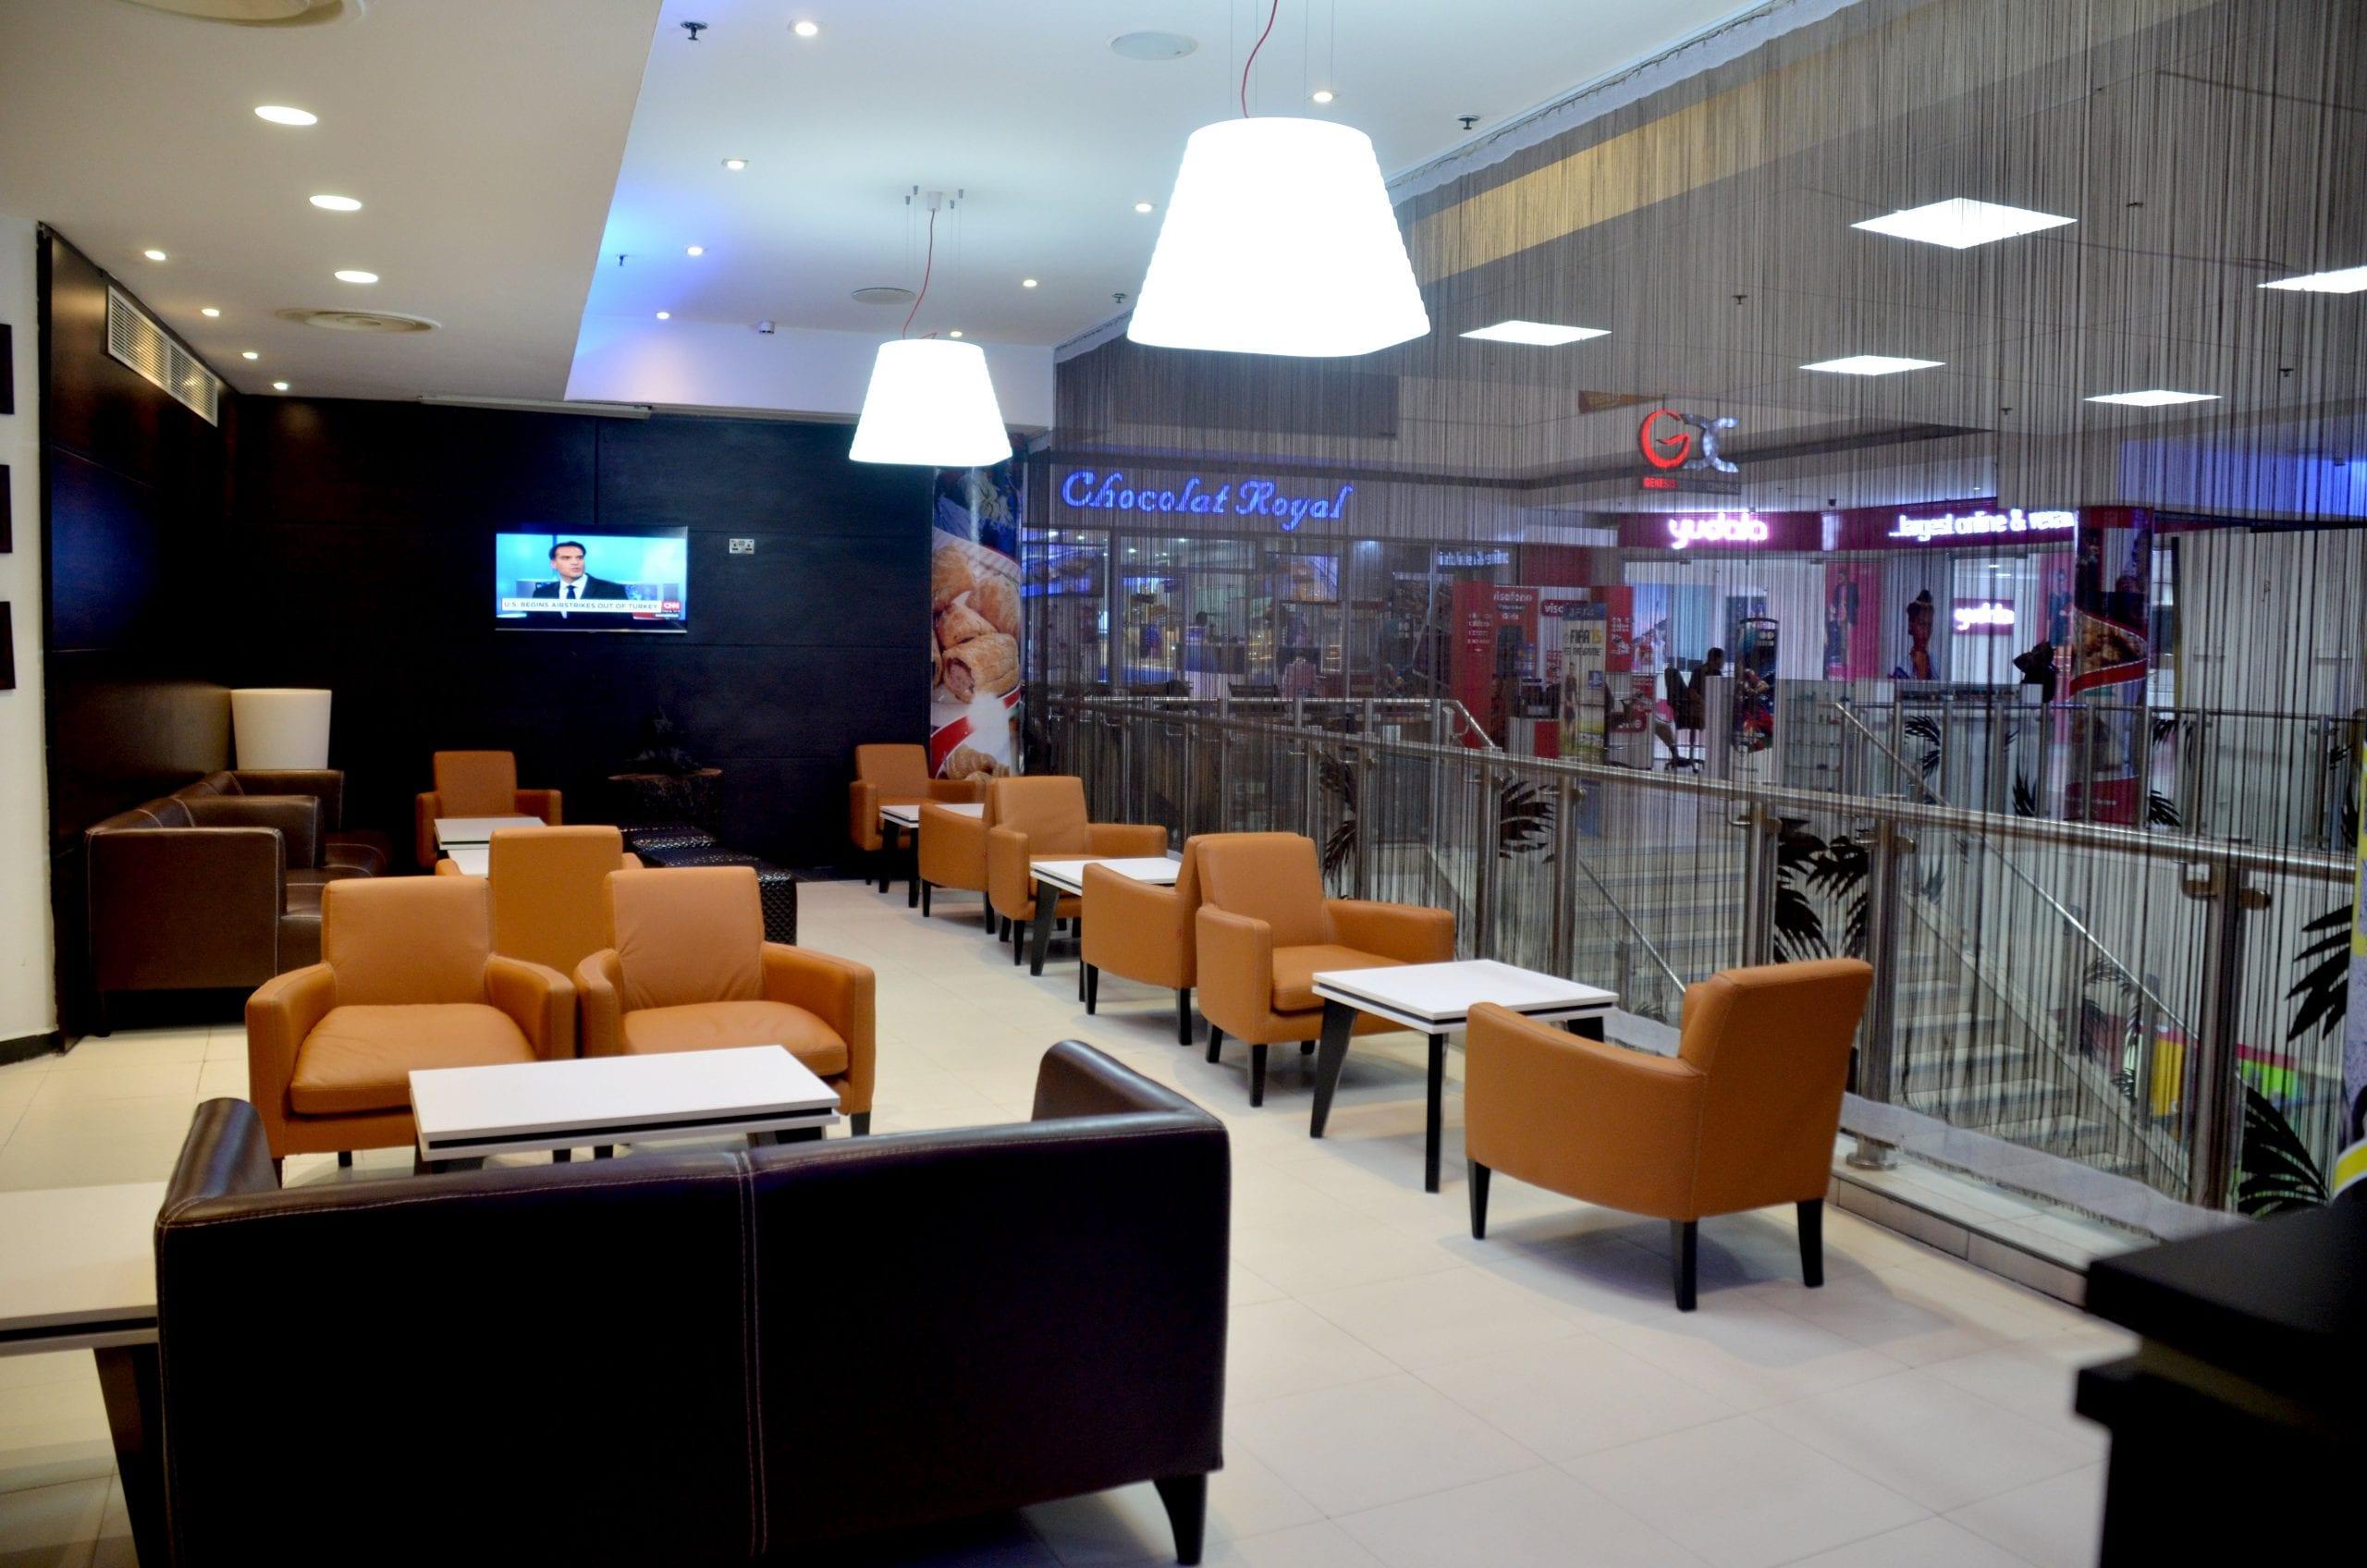 genesis cinemas on list and addresses of best cinemas in Lagos